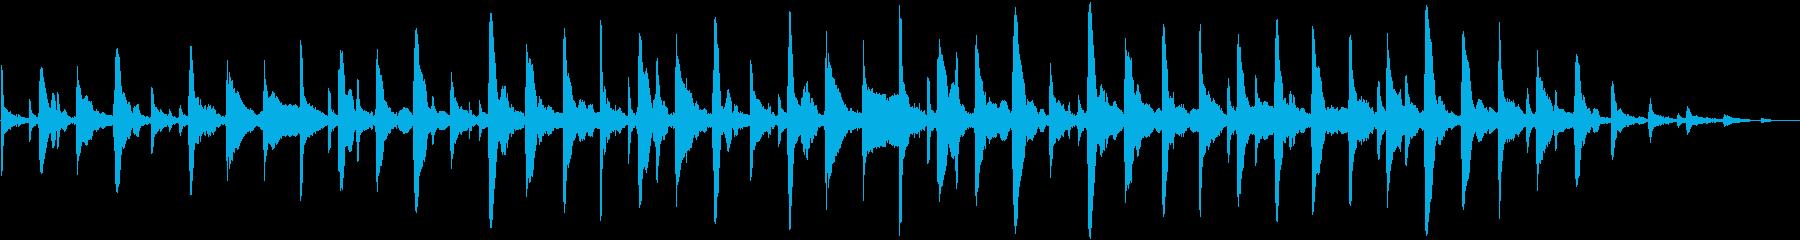 水滴の落下と広がる波紋をイメージした曲…の再生済みの波形